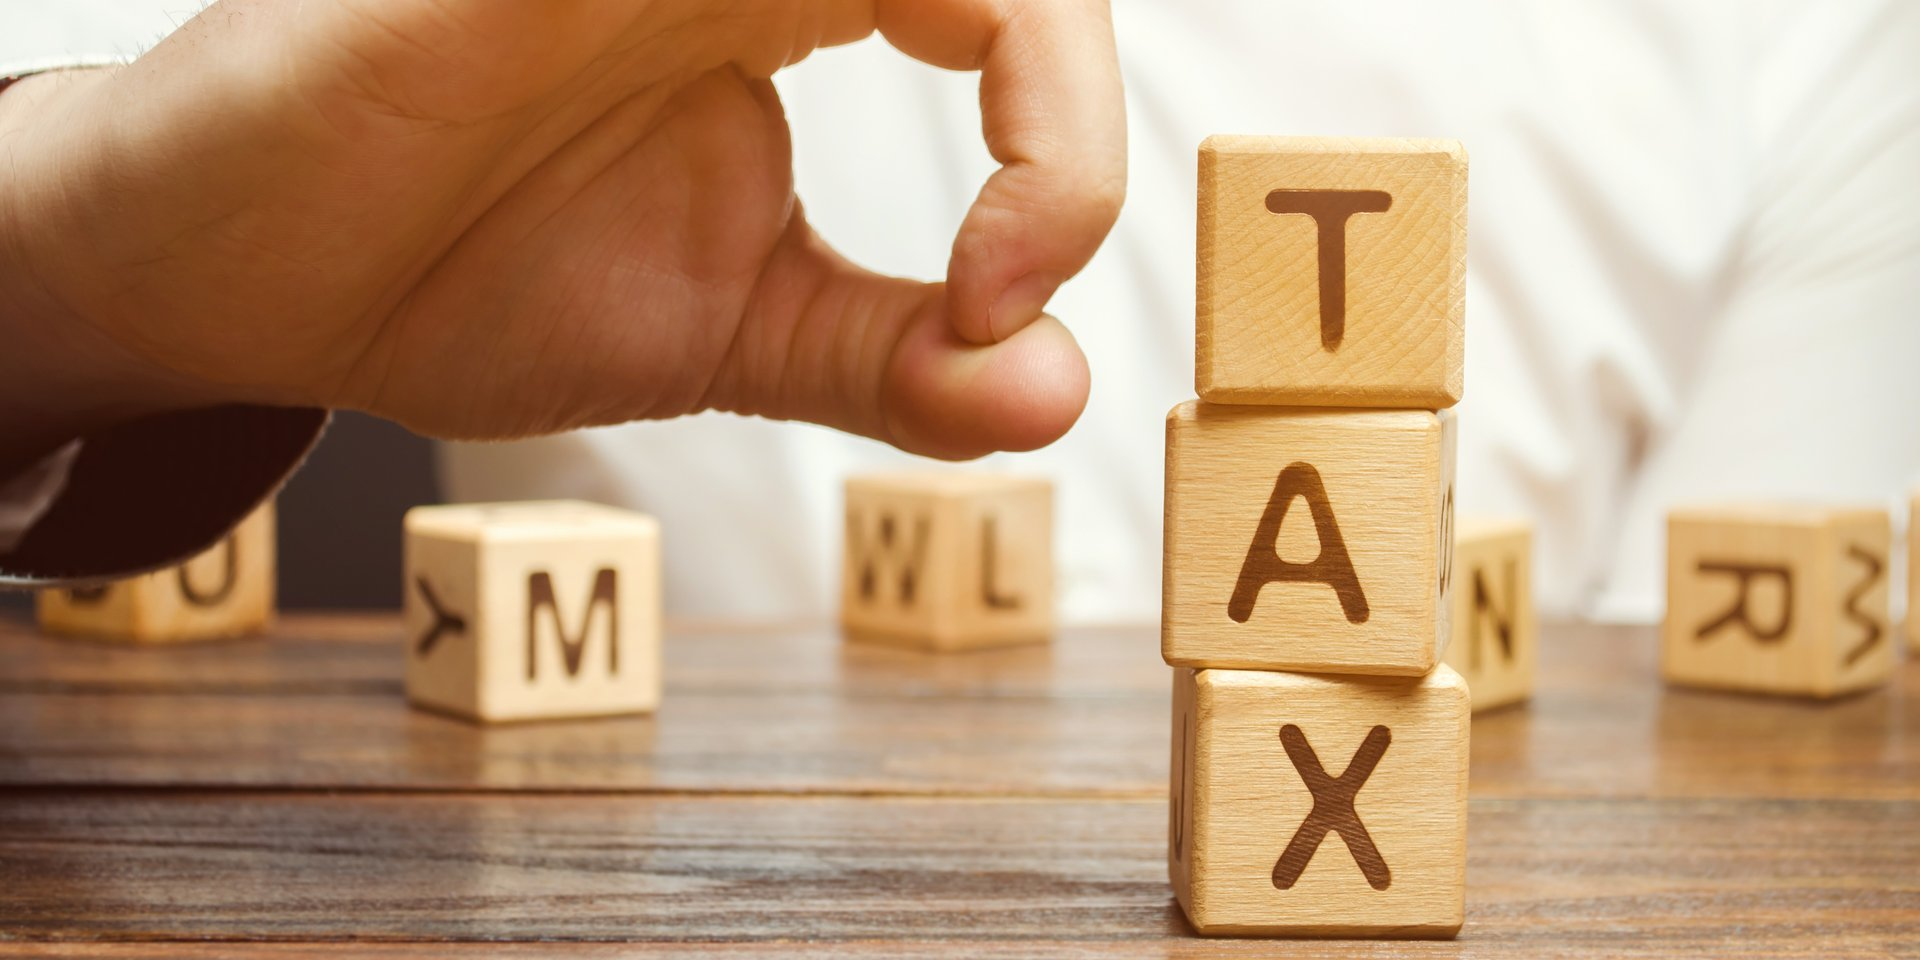 Zmiana wyboru zaliczki uproszczonej w 2020 r. przez małych podatników